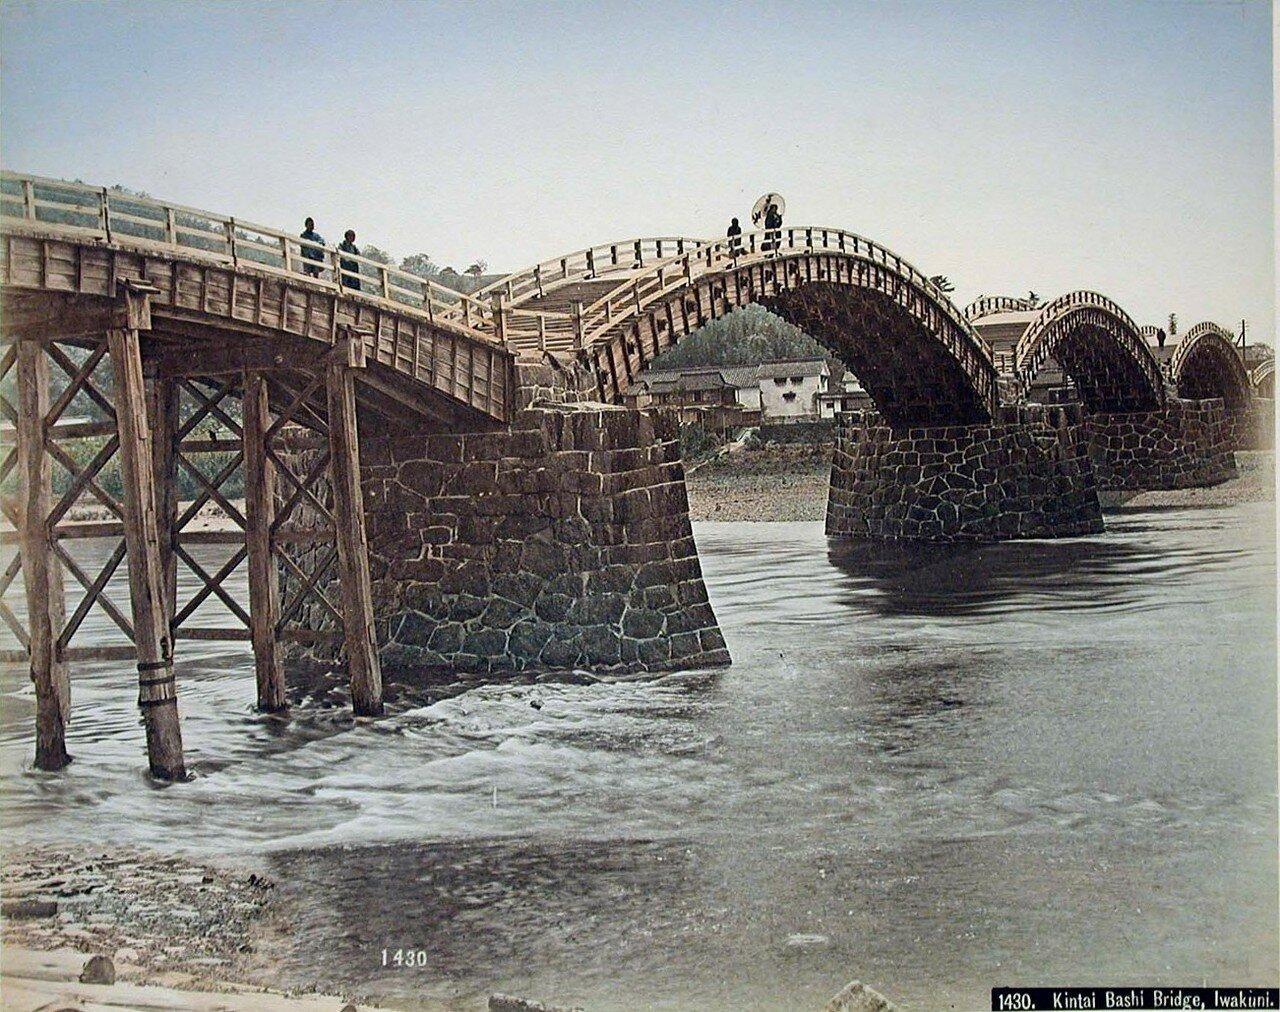 Ивакуни. Деревянный арочный мост Кинтай над рекой Нисики